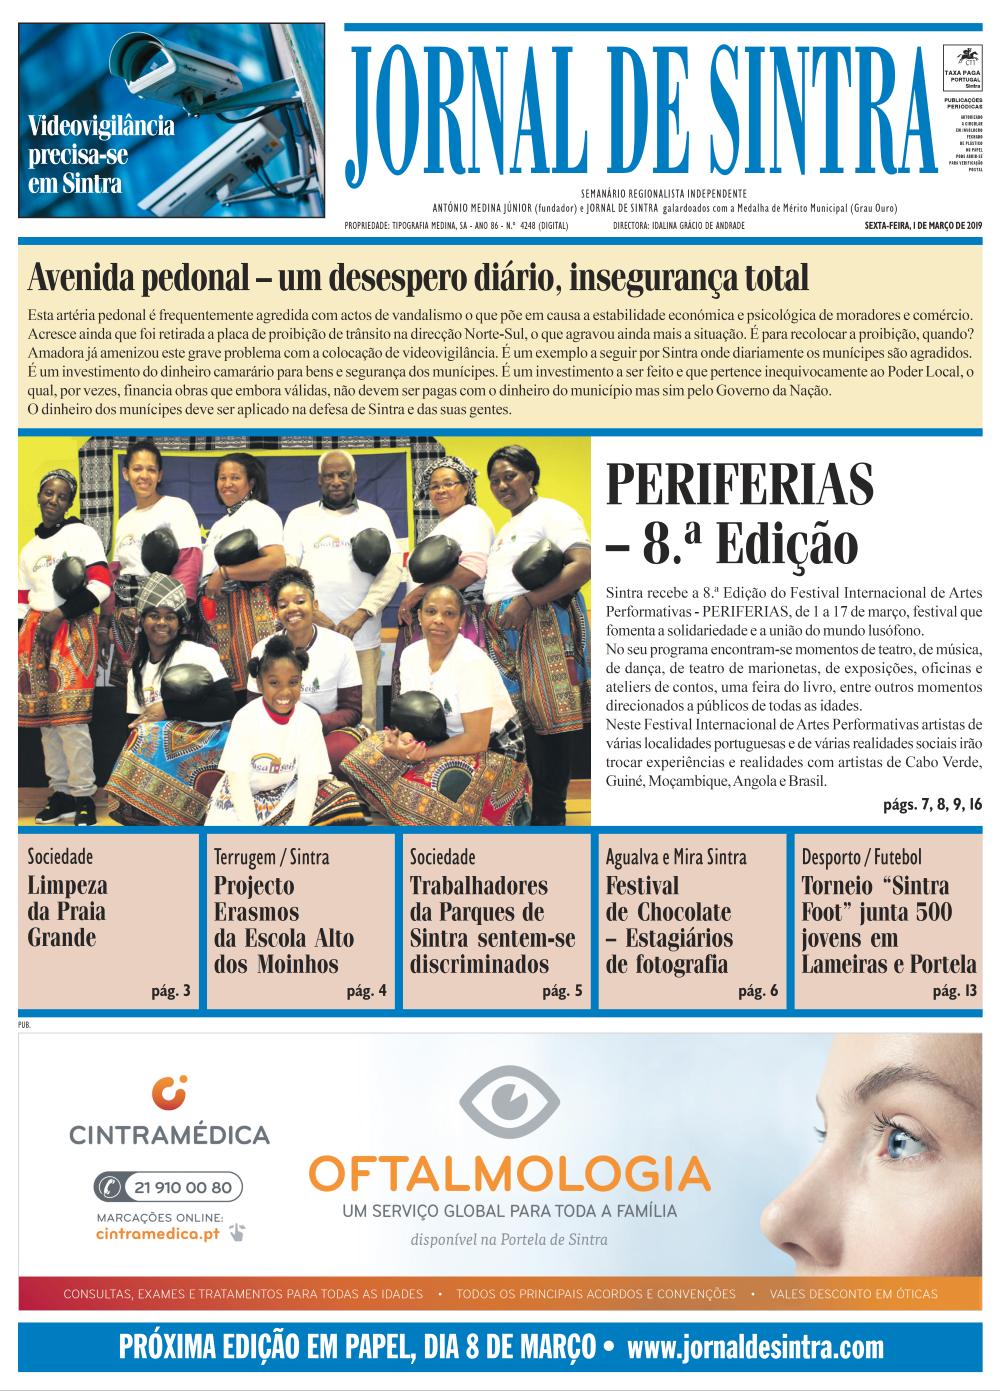 Capa da edição de 01/03/2019